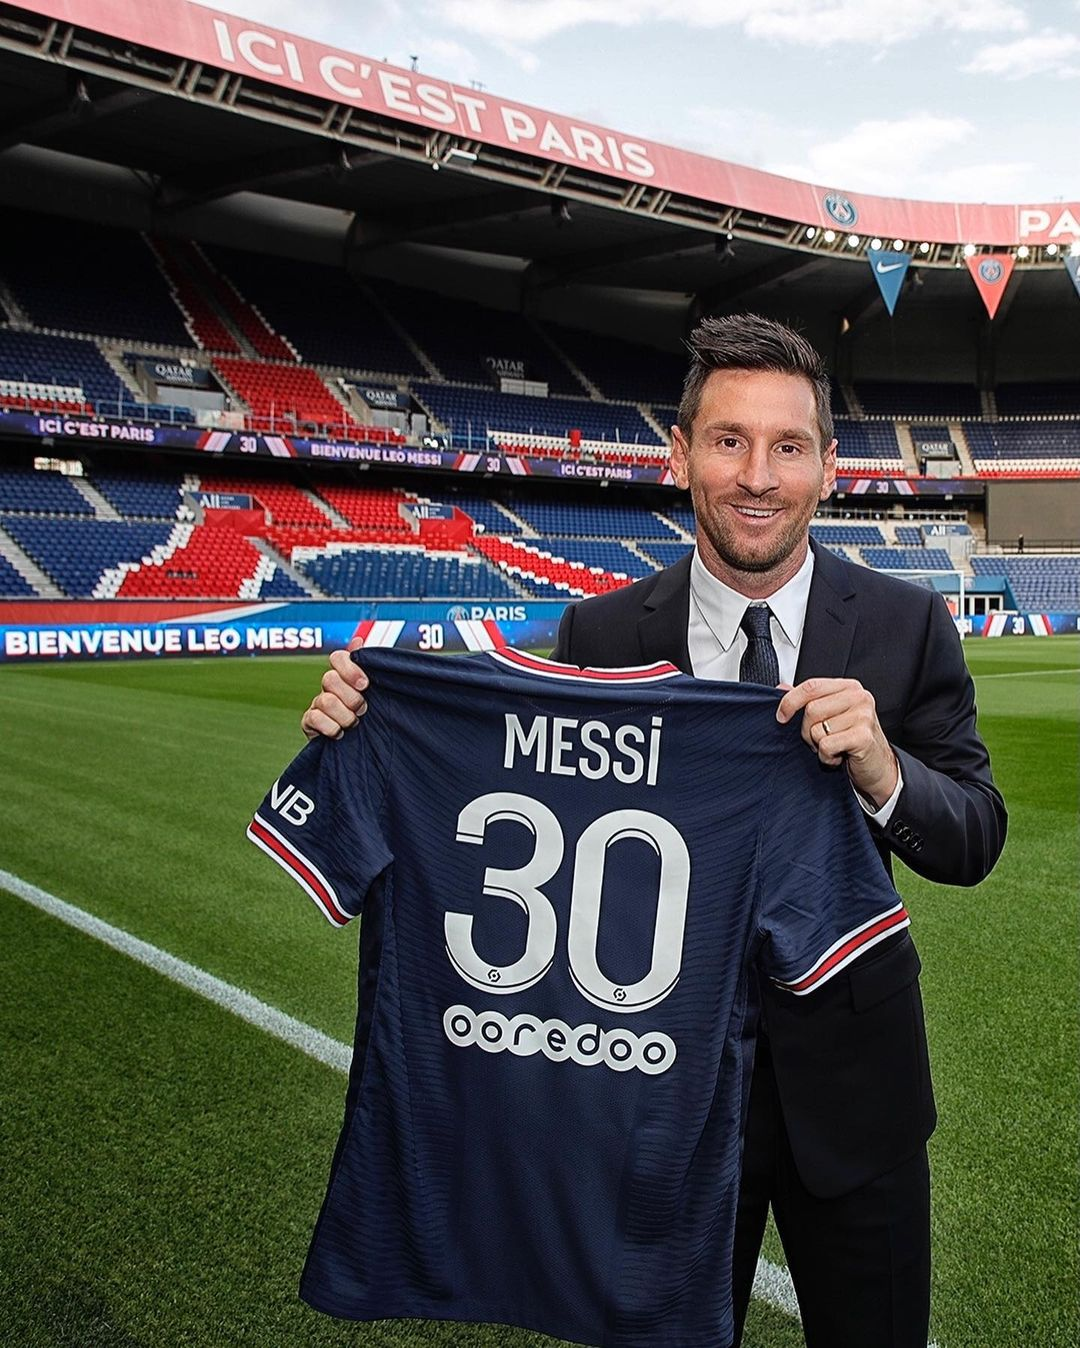 Это официально! Месси заключил контракт с французским клубом